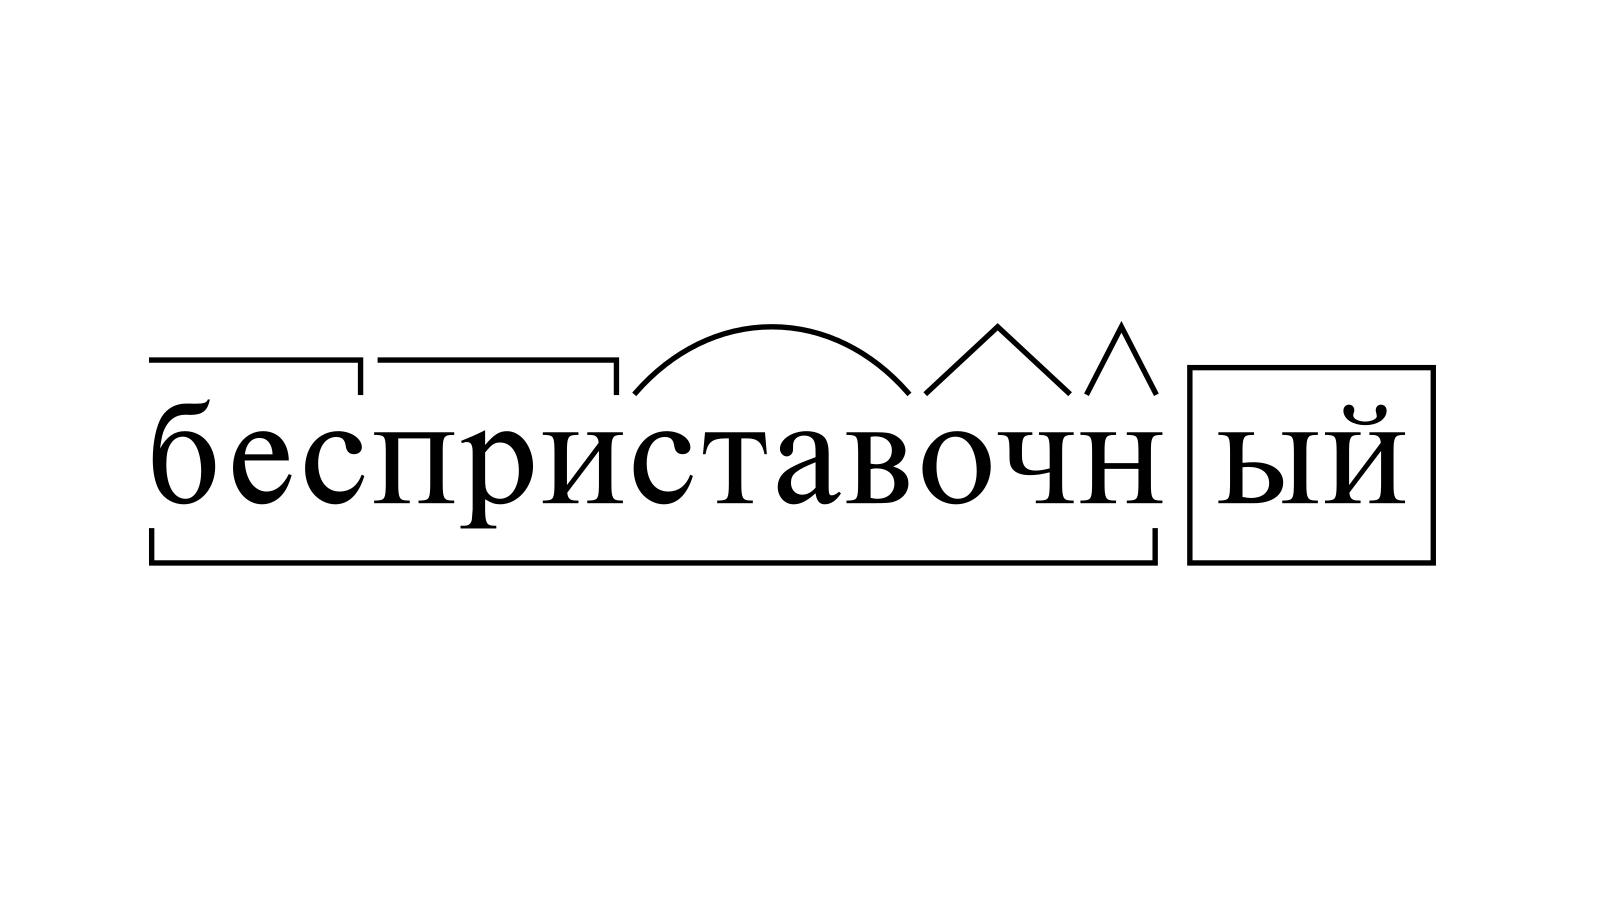 Разбор слова «бесприставочный» по составу